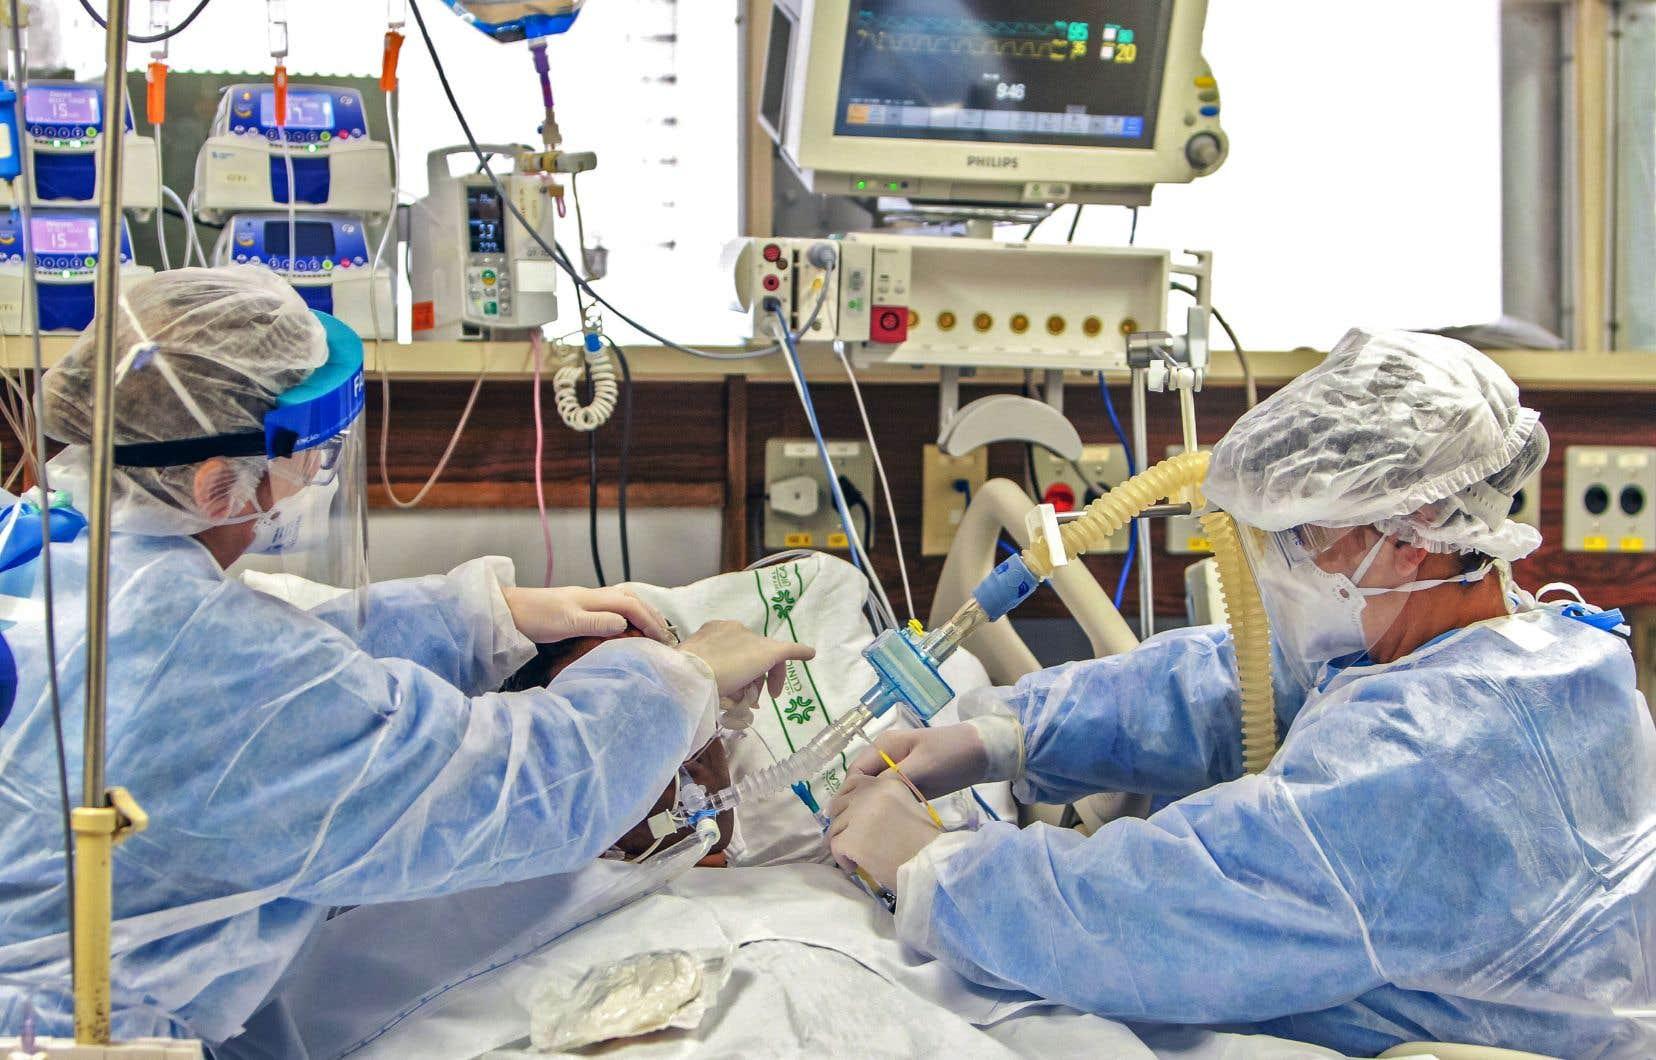 Si le pire était survenu, que la crise avait été hors de contrôle comme en Italie et que les équipements médicaux avaient été insuffisants, il aurait fallu décider quel patient serait soigné et lequel ne le serait pas.